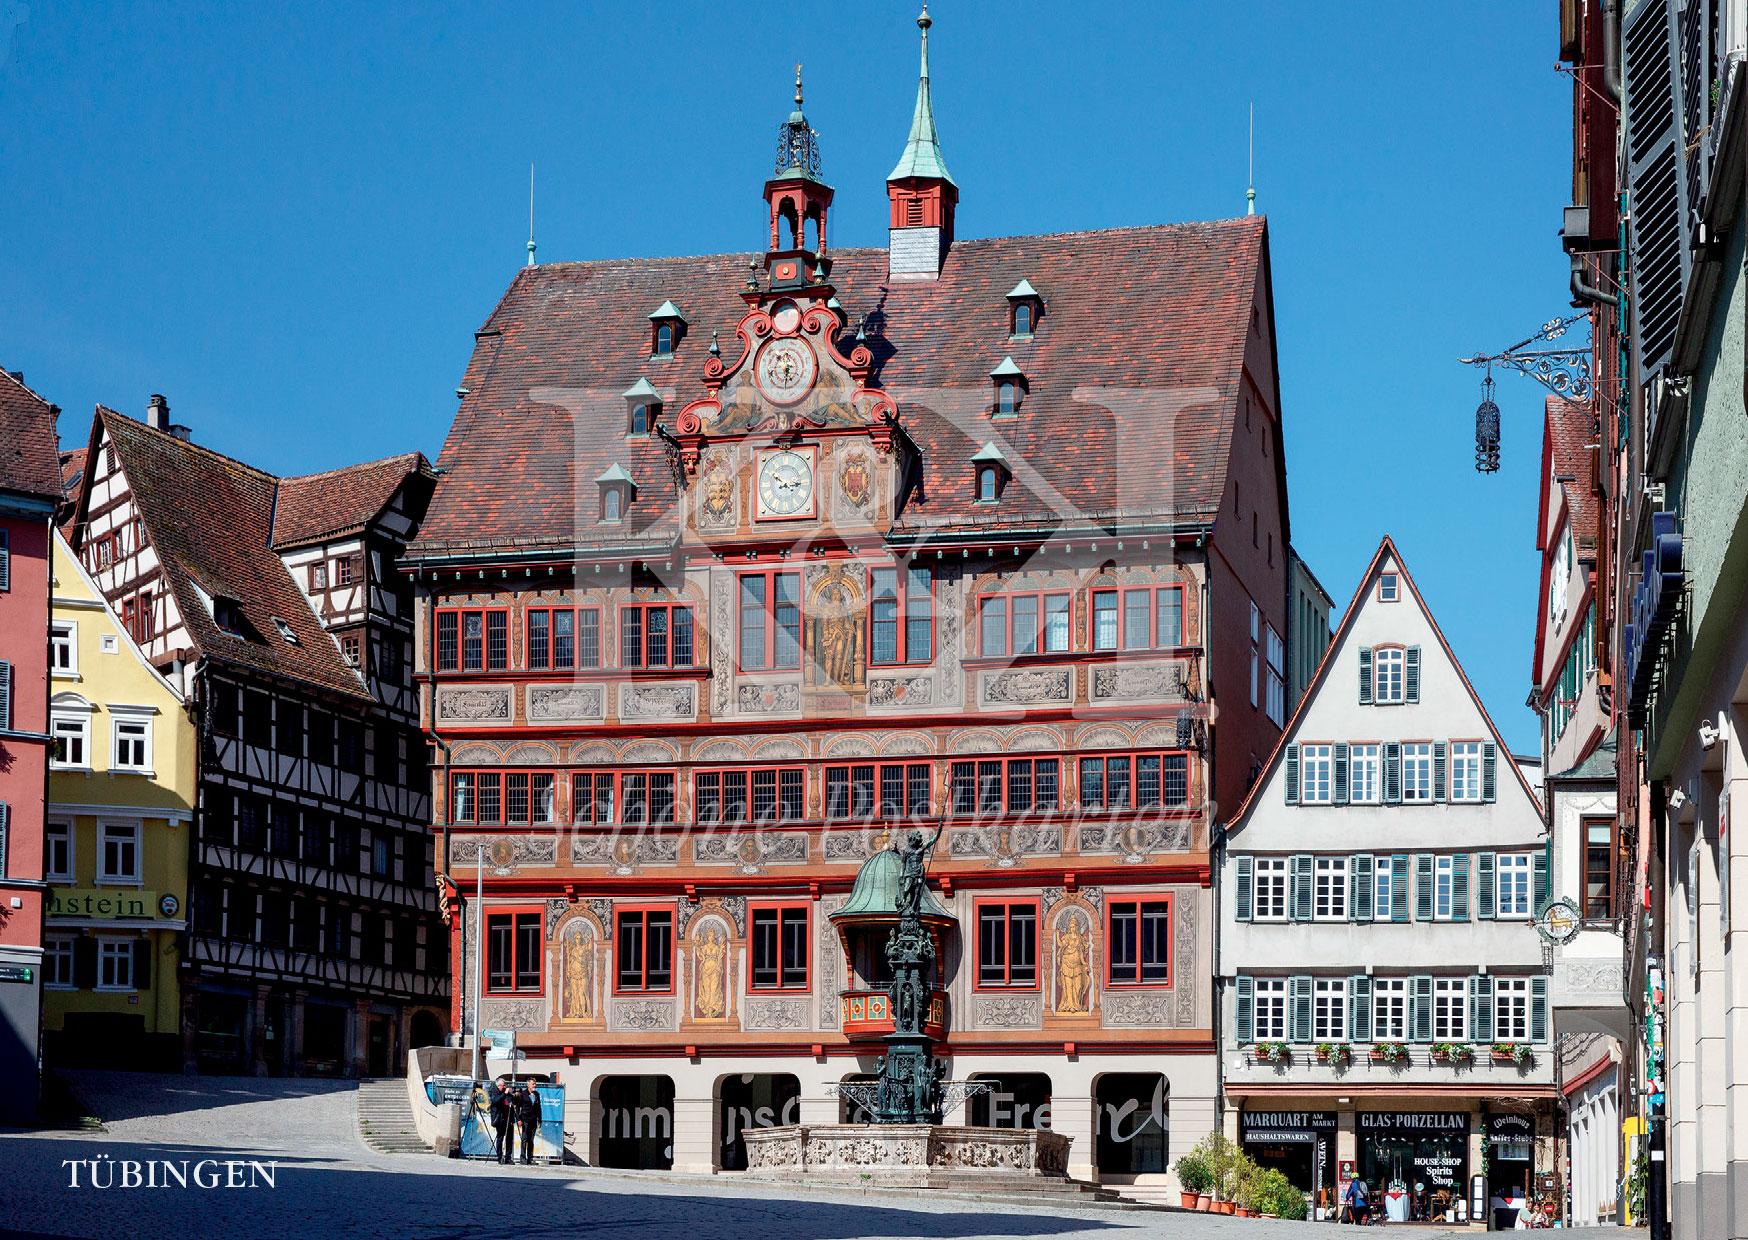 >>> NEU: Schöne Postkarte Nr. 81 · Rathaus Tübingen, ab 1435 gebaut und mehrfach erweitert und renoviert